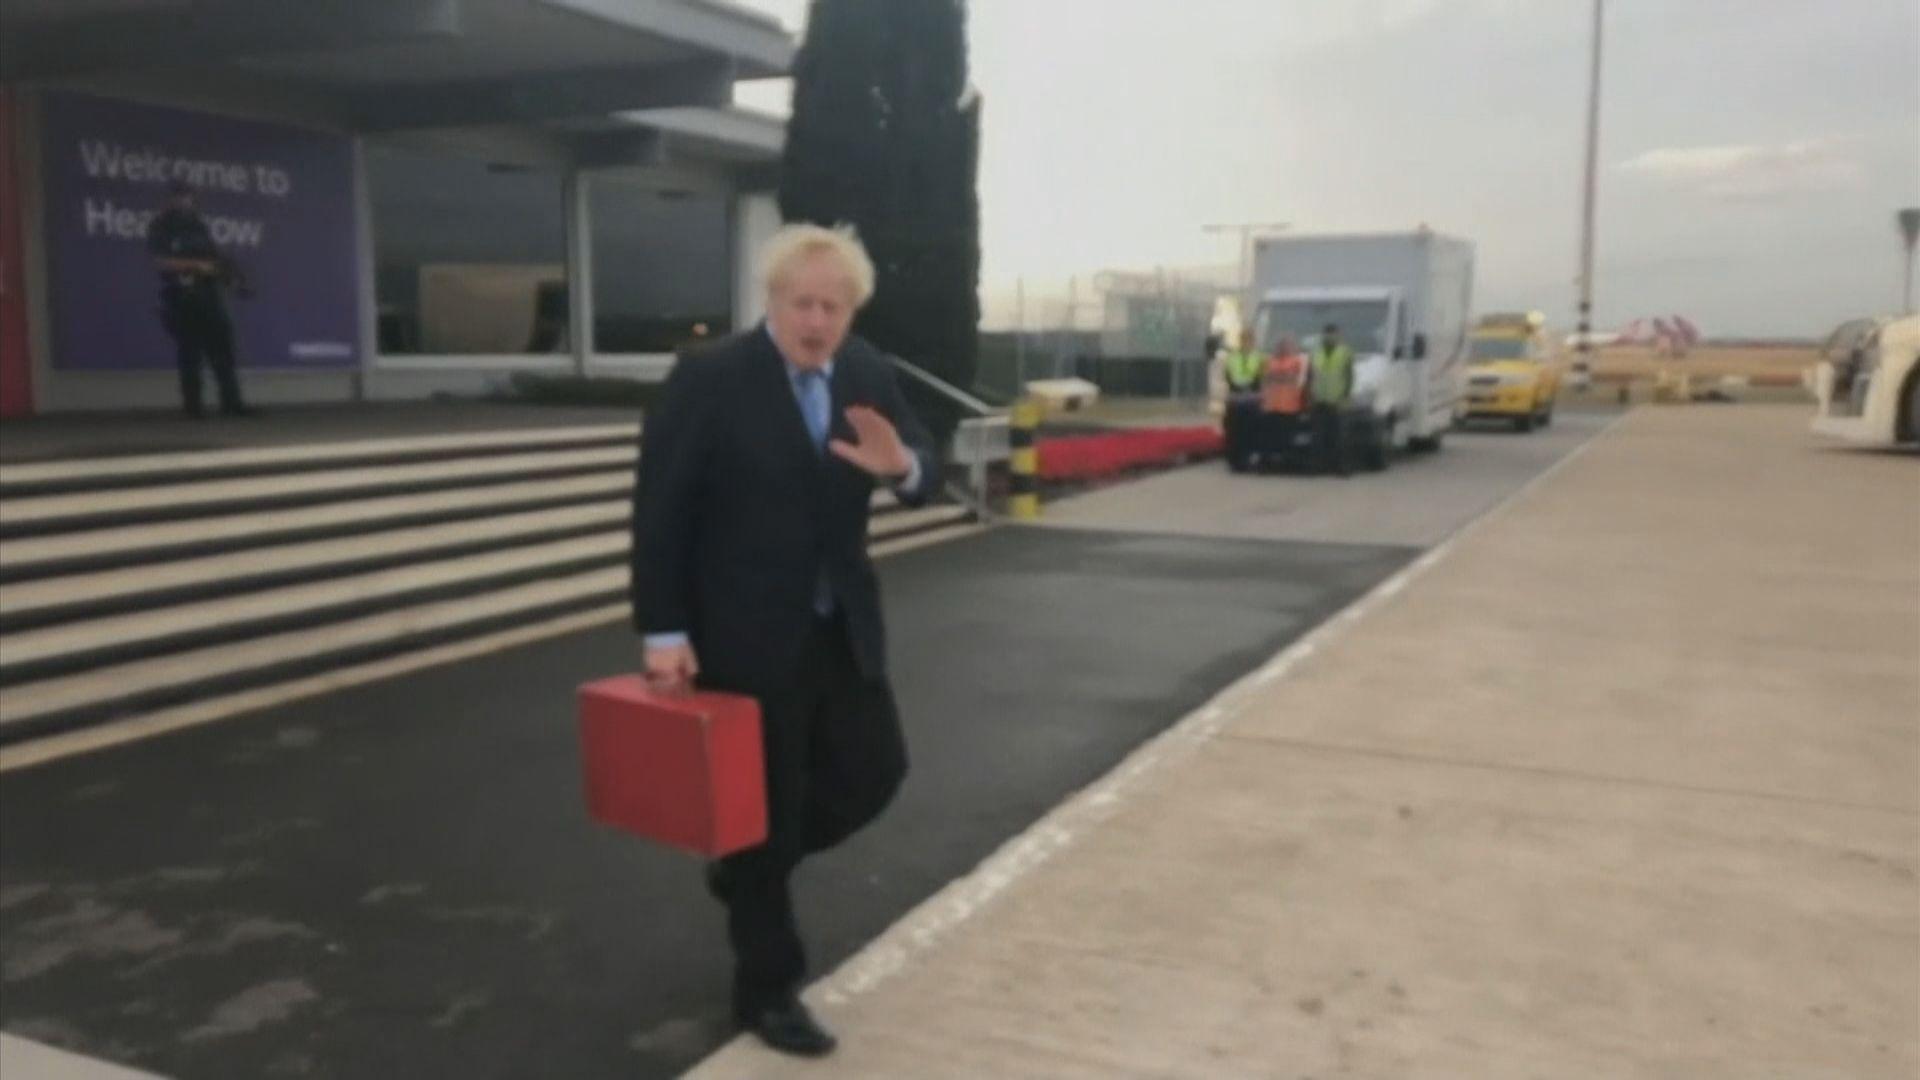 約翰遜將與歐洲領袖會面商討脫歐